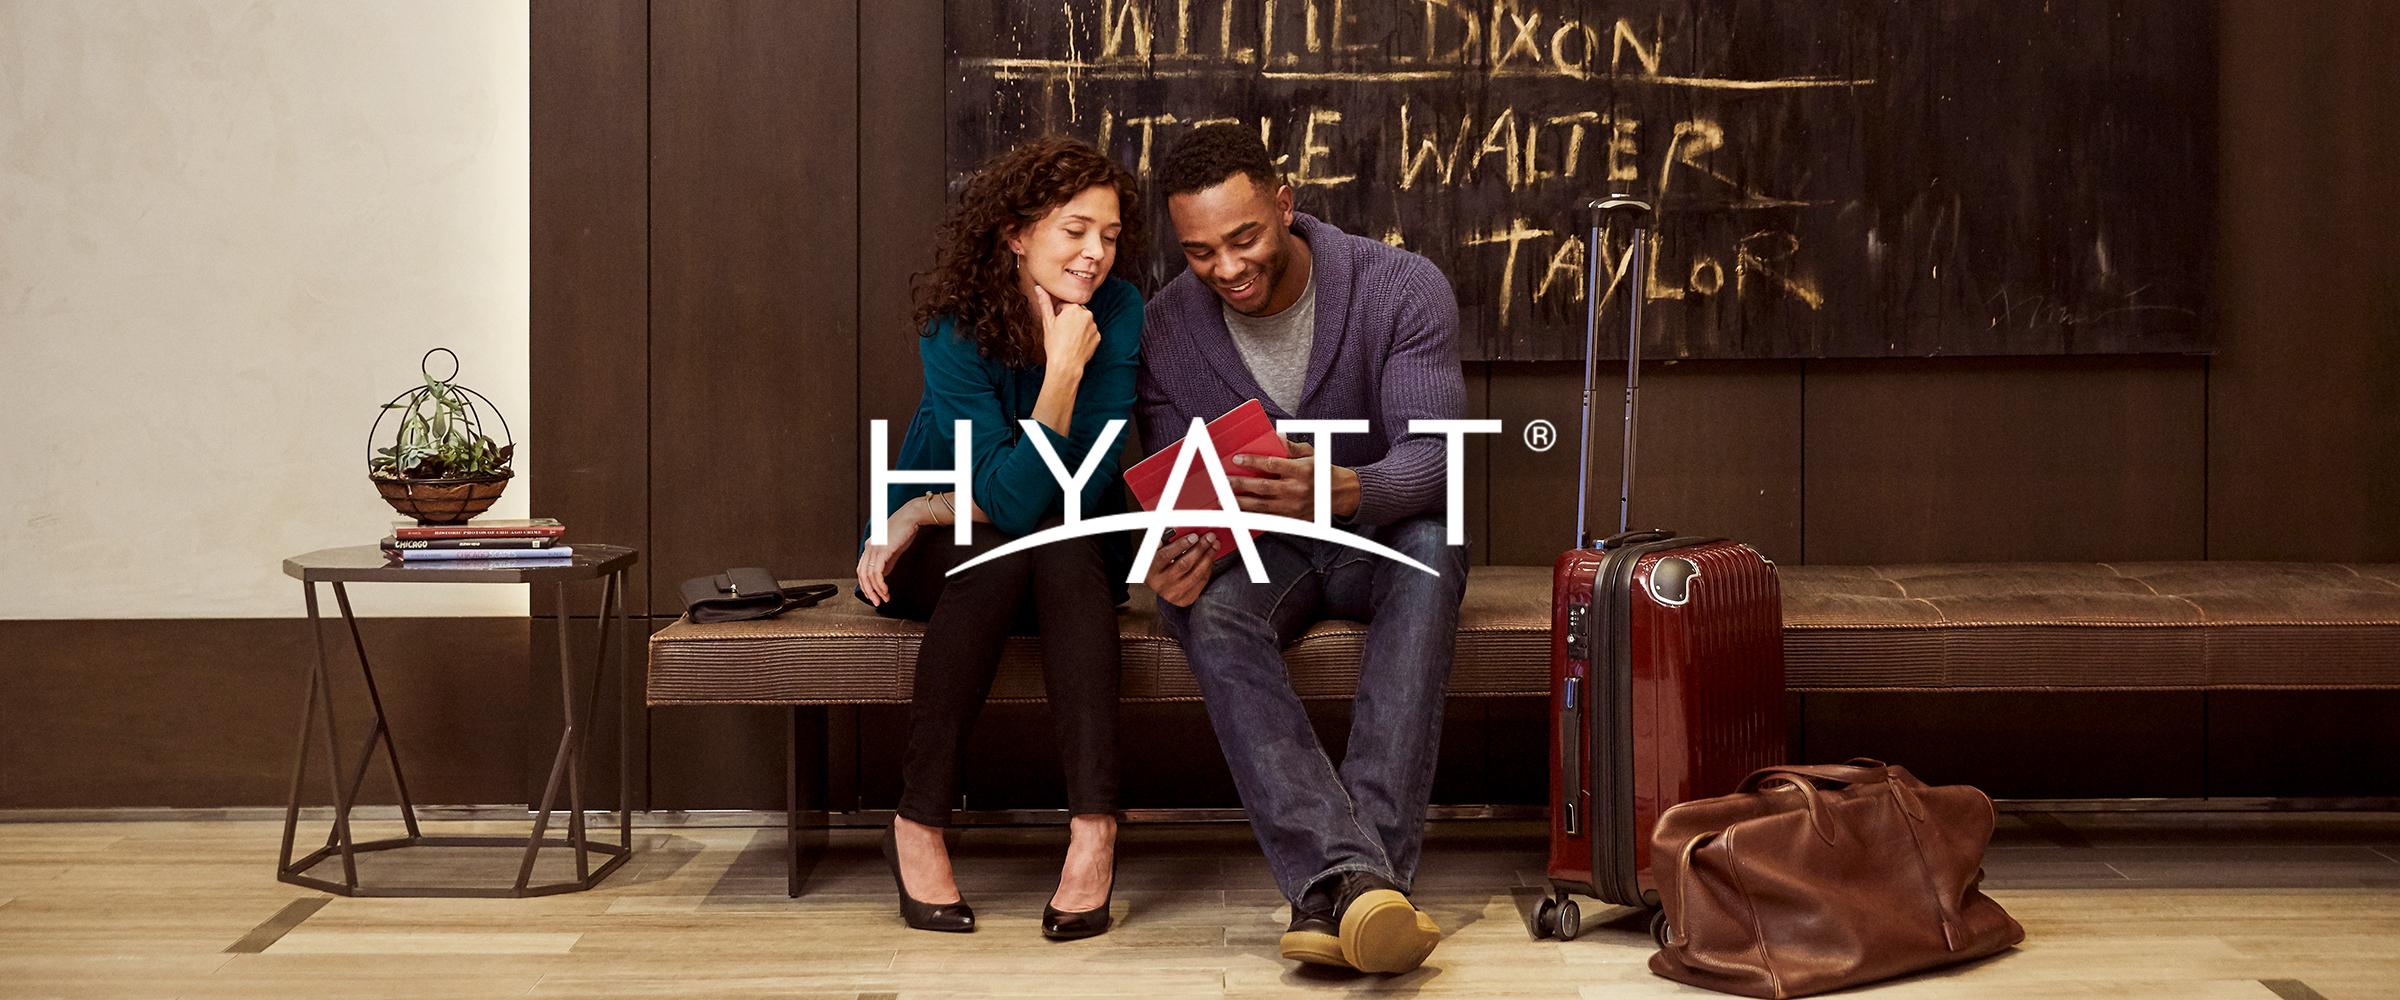 Hyatt_Header.jpg